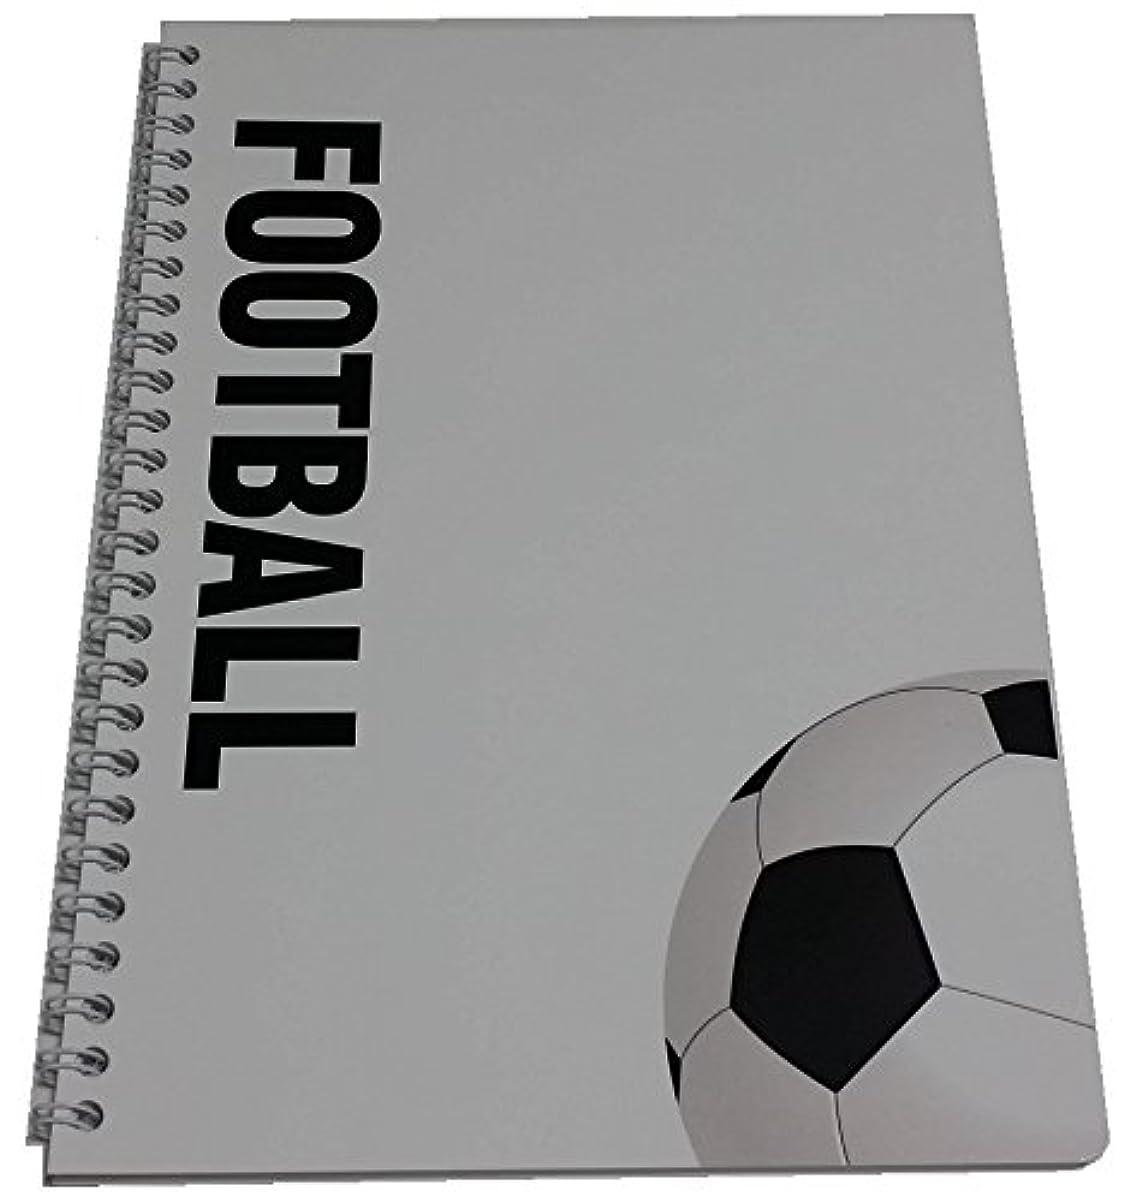 サッカーノート Wリングタイプ B5サイズ 5冊